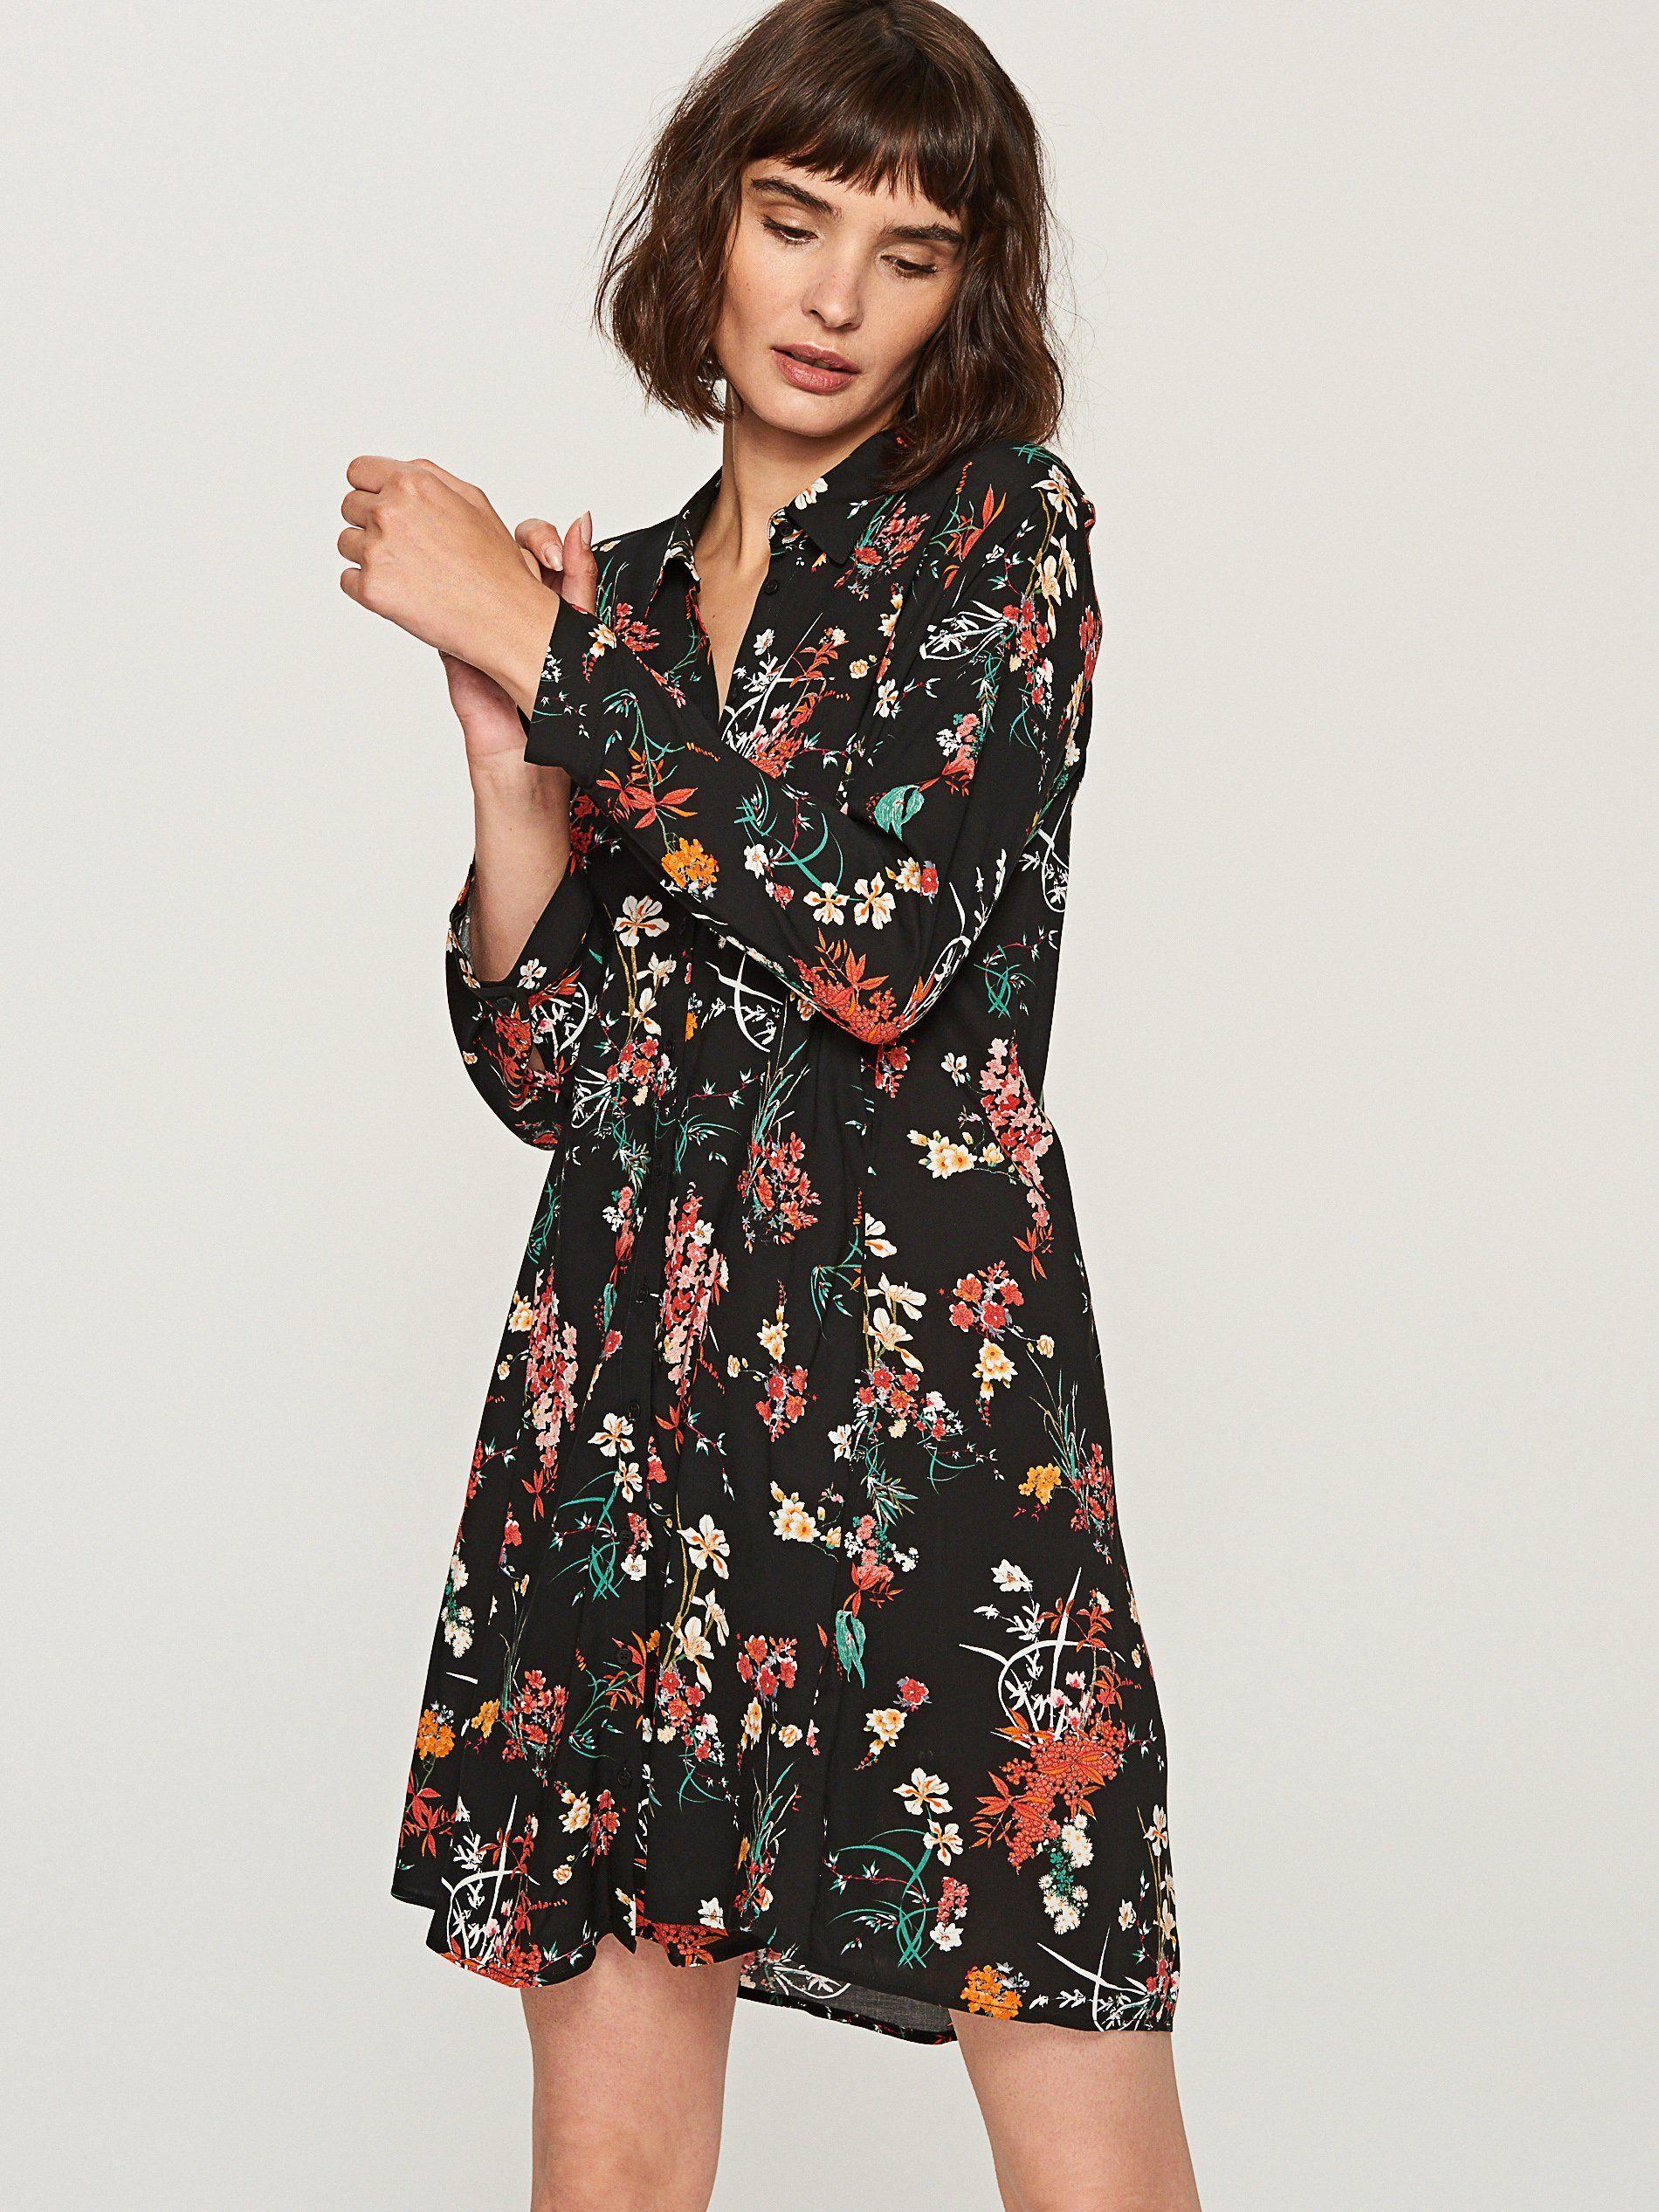 Reserved Sukienka Wzorzysta Kwiaty Guziki 38 M 7119347130 Oficjalne Archiwum Allegro Dresses Casual Dress Fashion